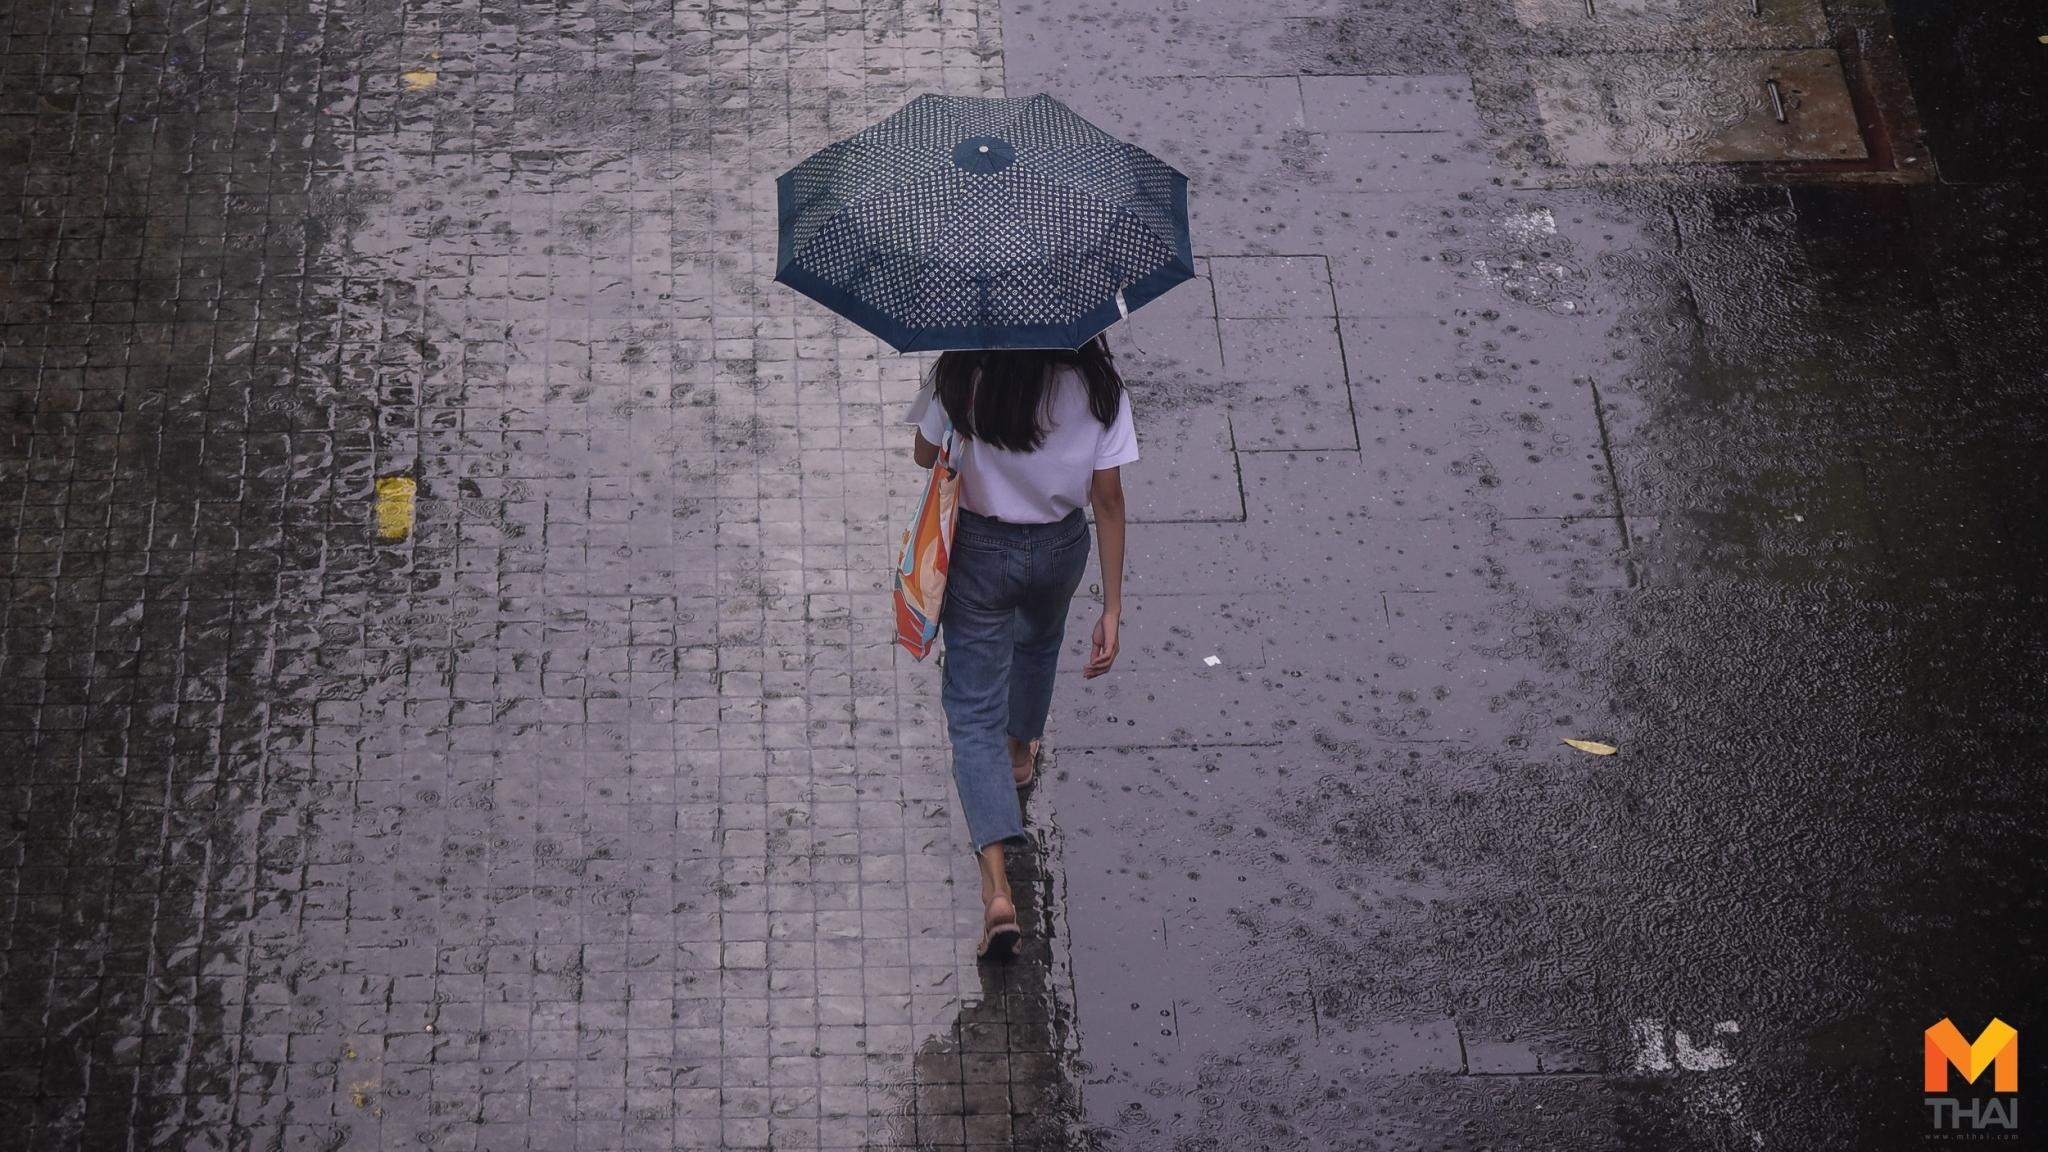 กรมอุตุนิยมวิทยา ฝนตก พายุดีเปรสชั่น